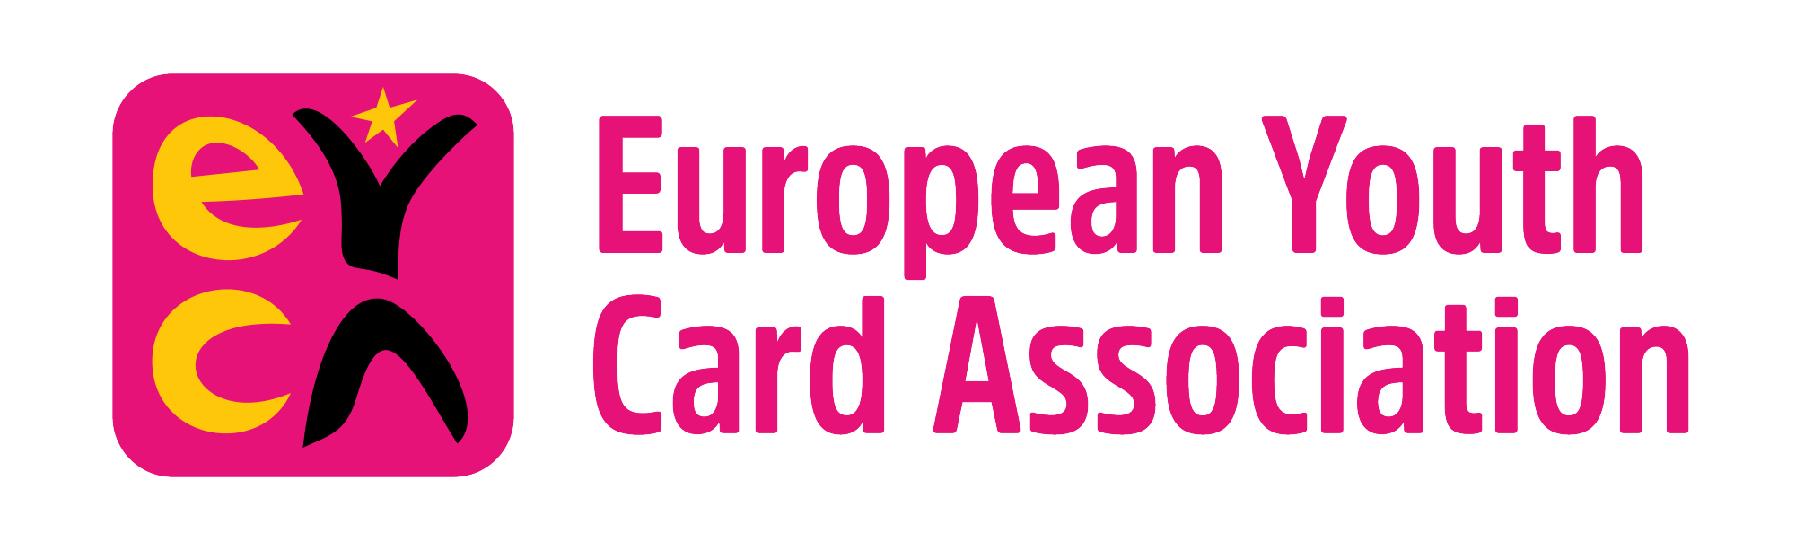 eurodesk copy 2@2x-100.jpg